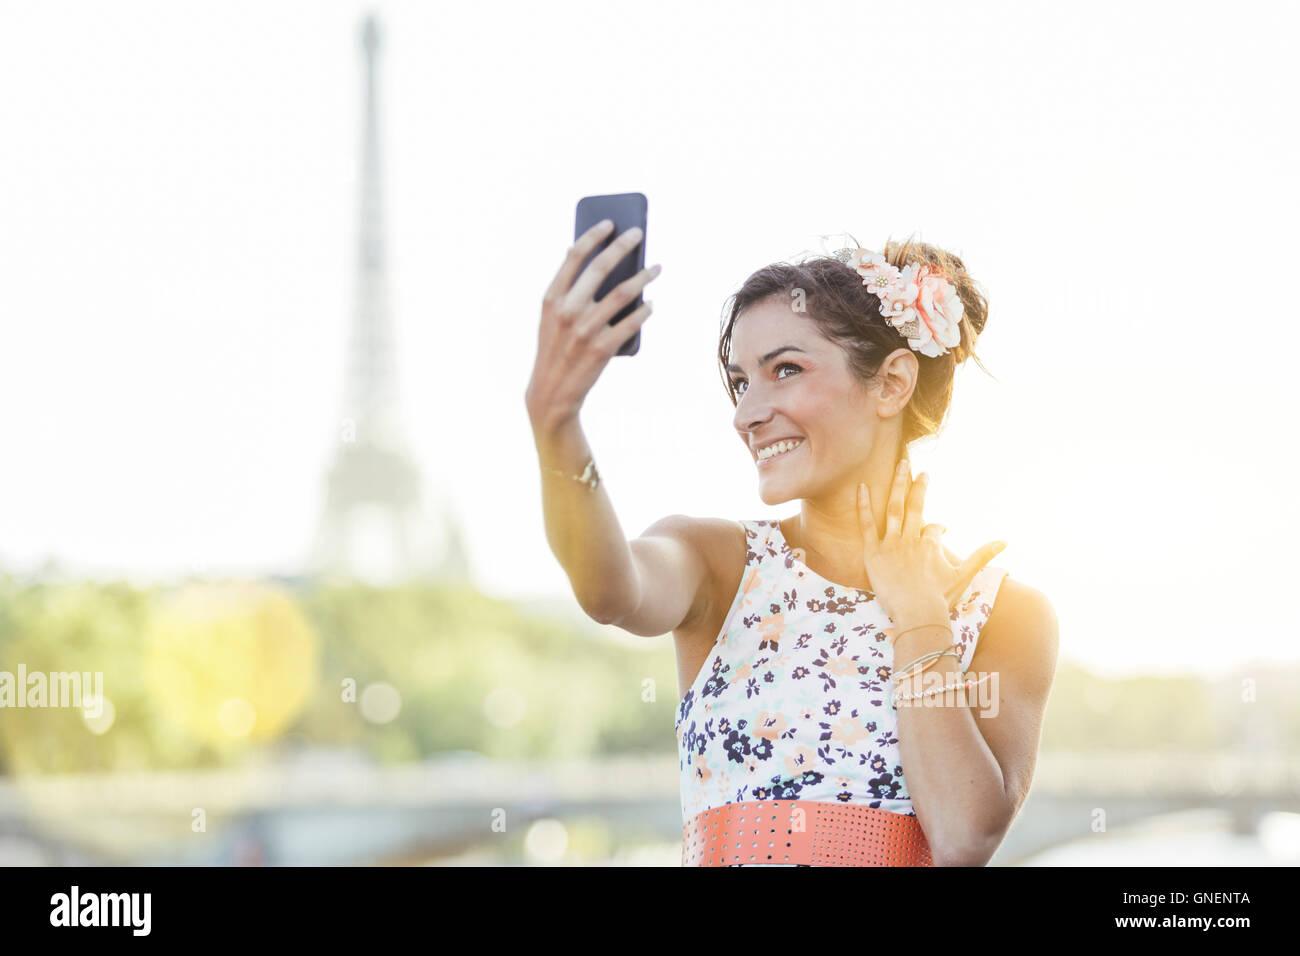 Paris, femme faisant un tour Eiffel selfies avec en arrière-plan Photo Stock